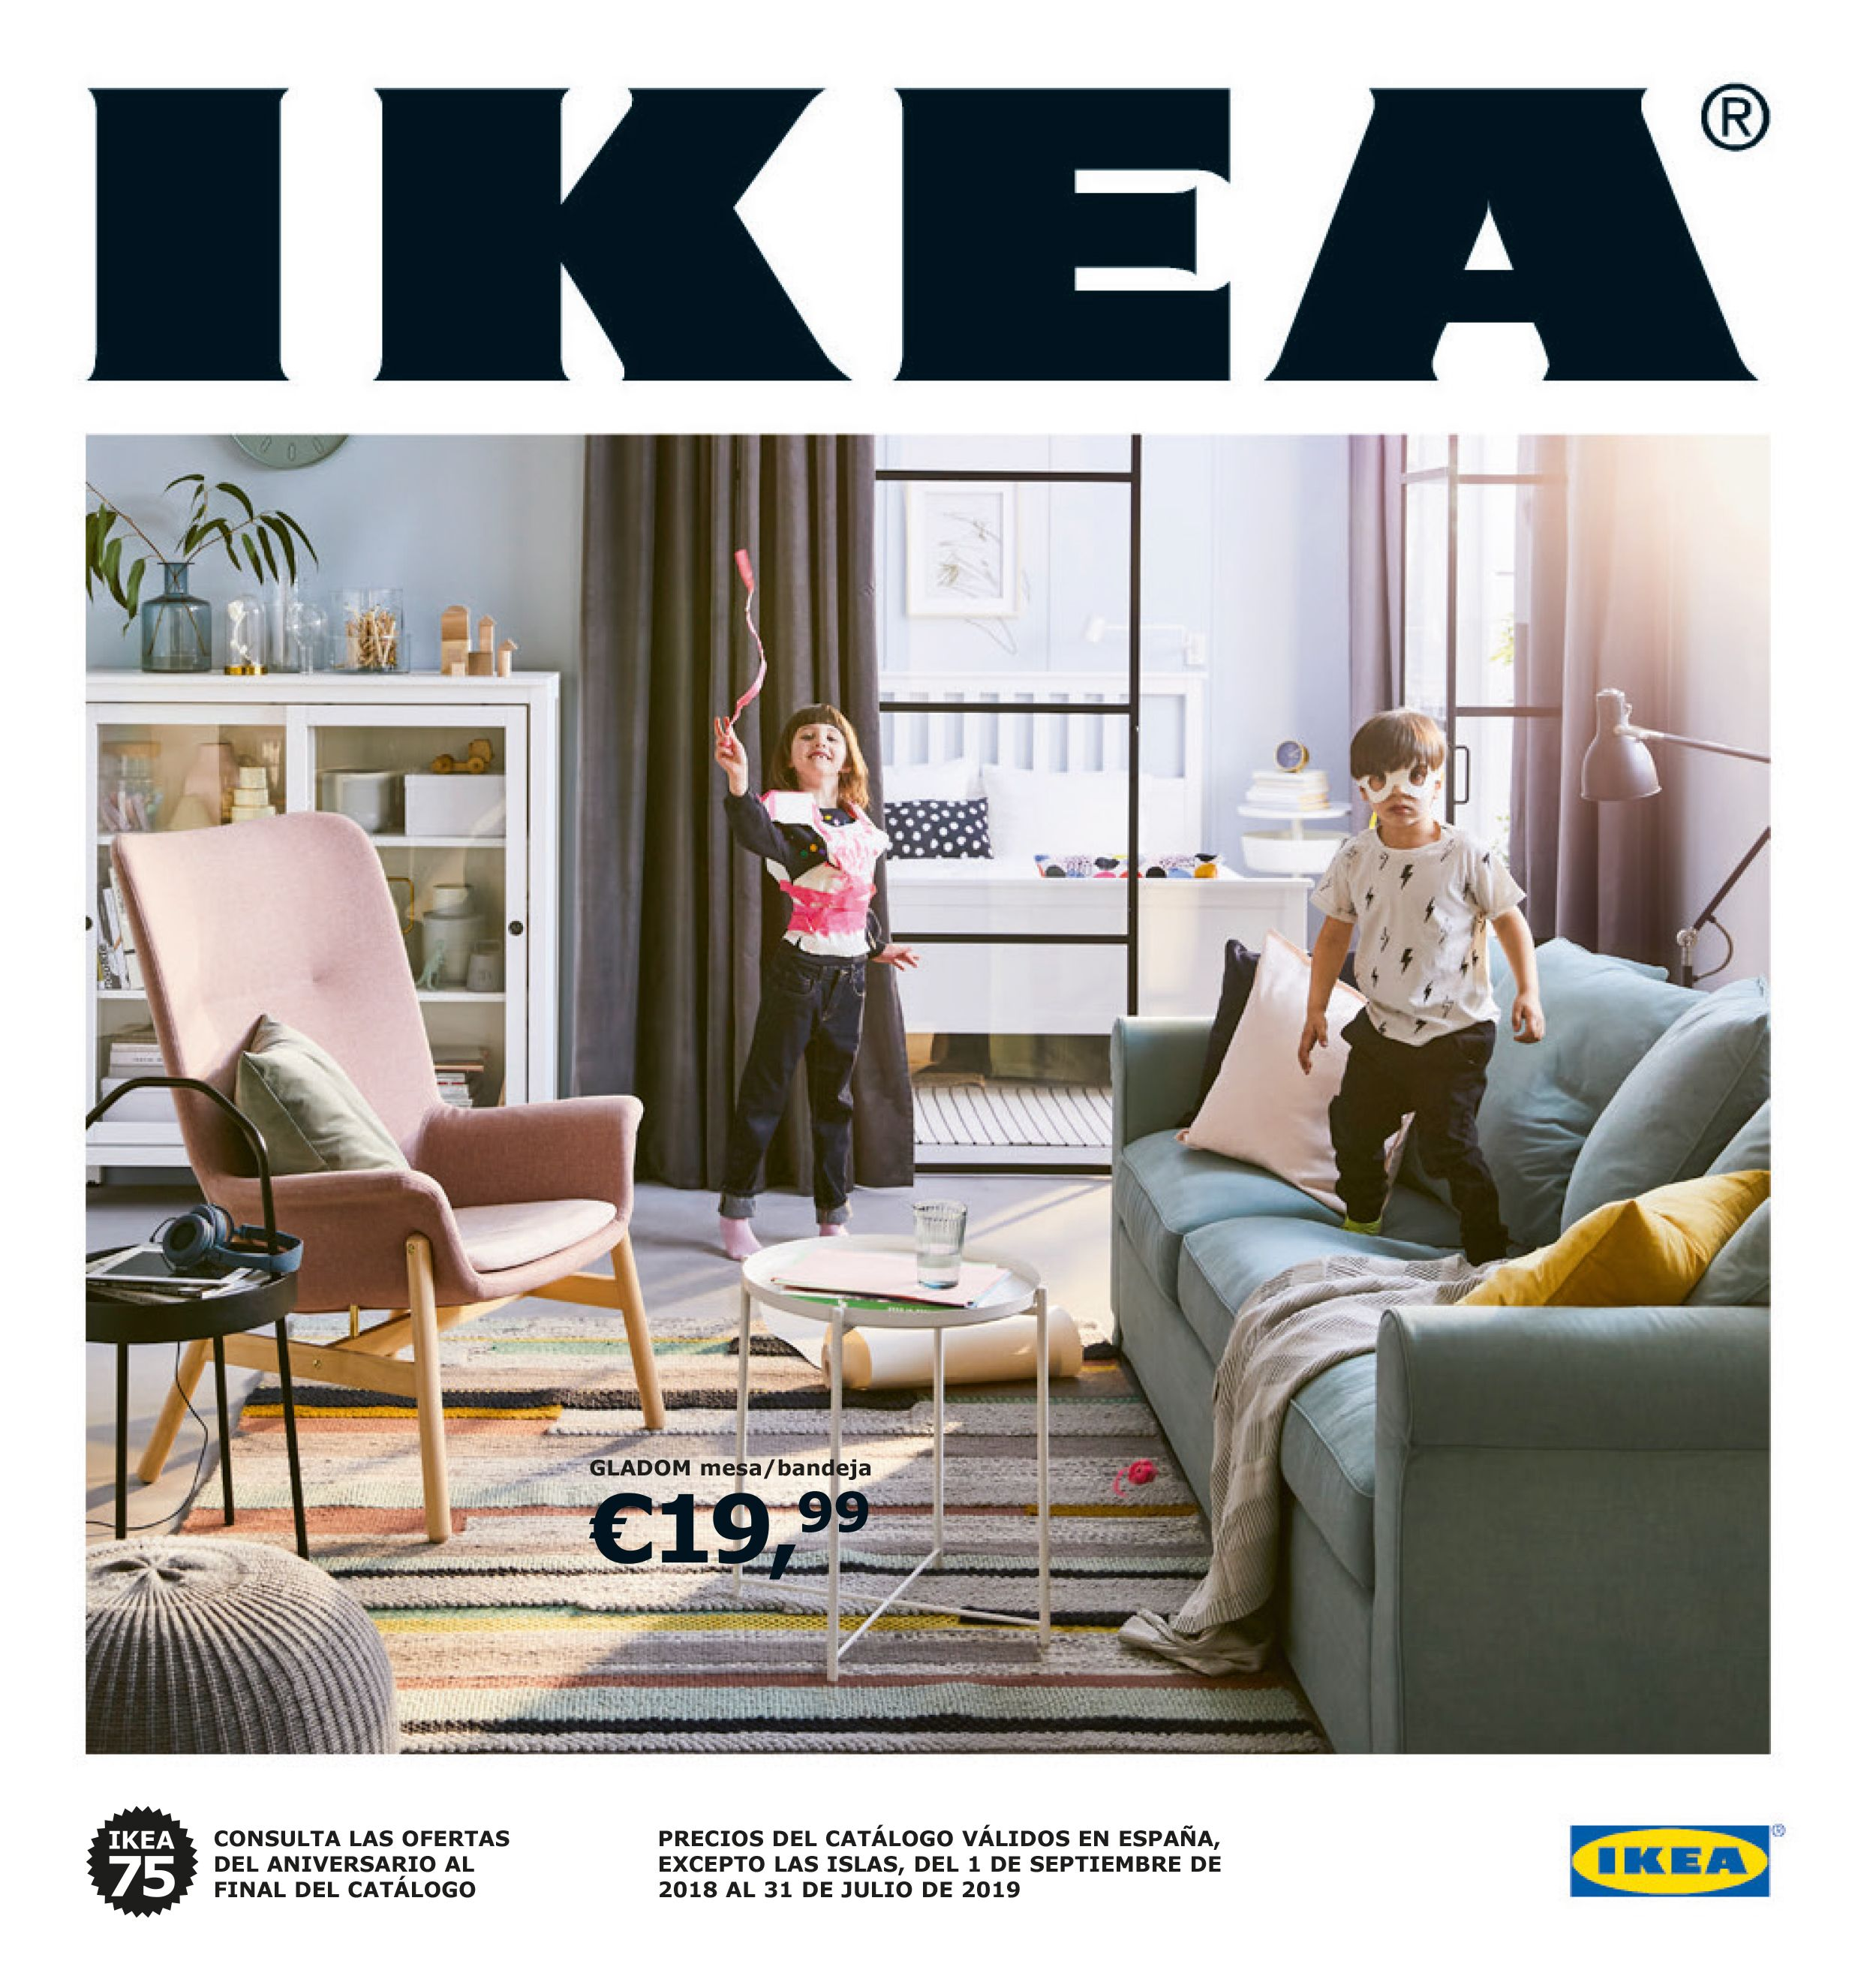 Catálogo Ikea Diez Piezas Del Nuevo Catálogo De Ikea Que